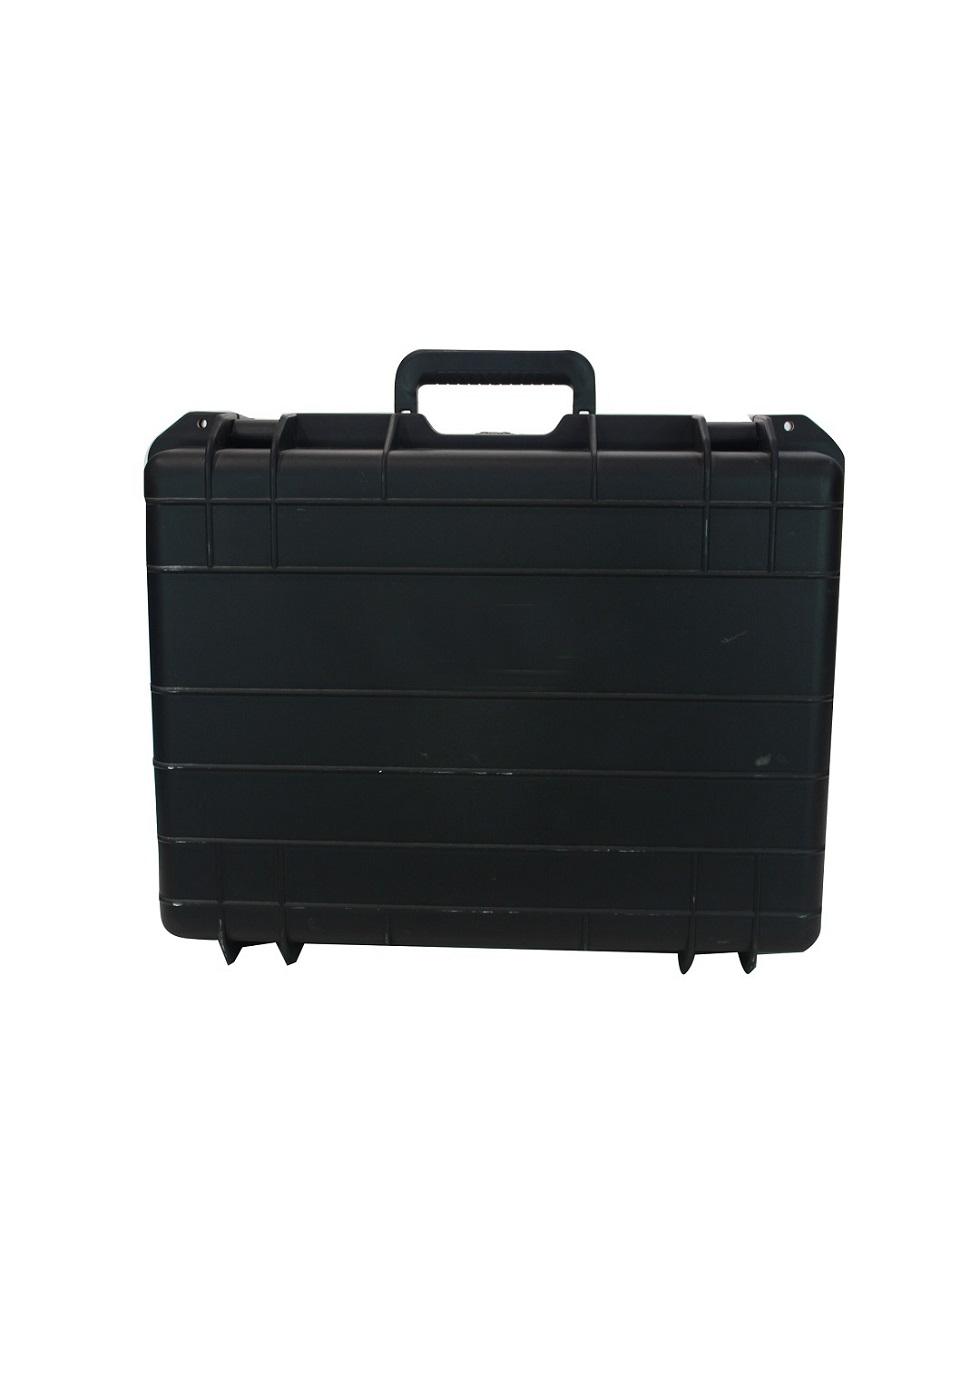 四川警用装备包装箱|泉州市性价比高的警用装备包装箱批发